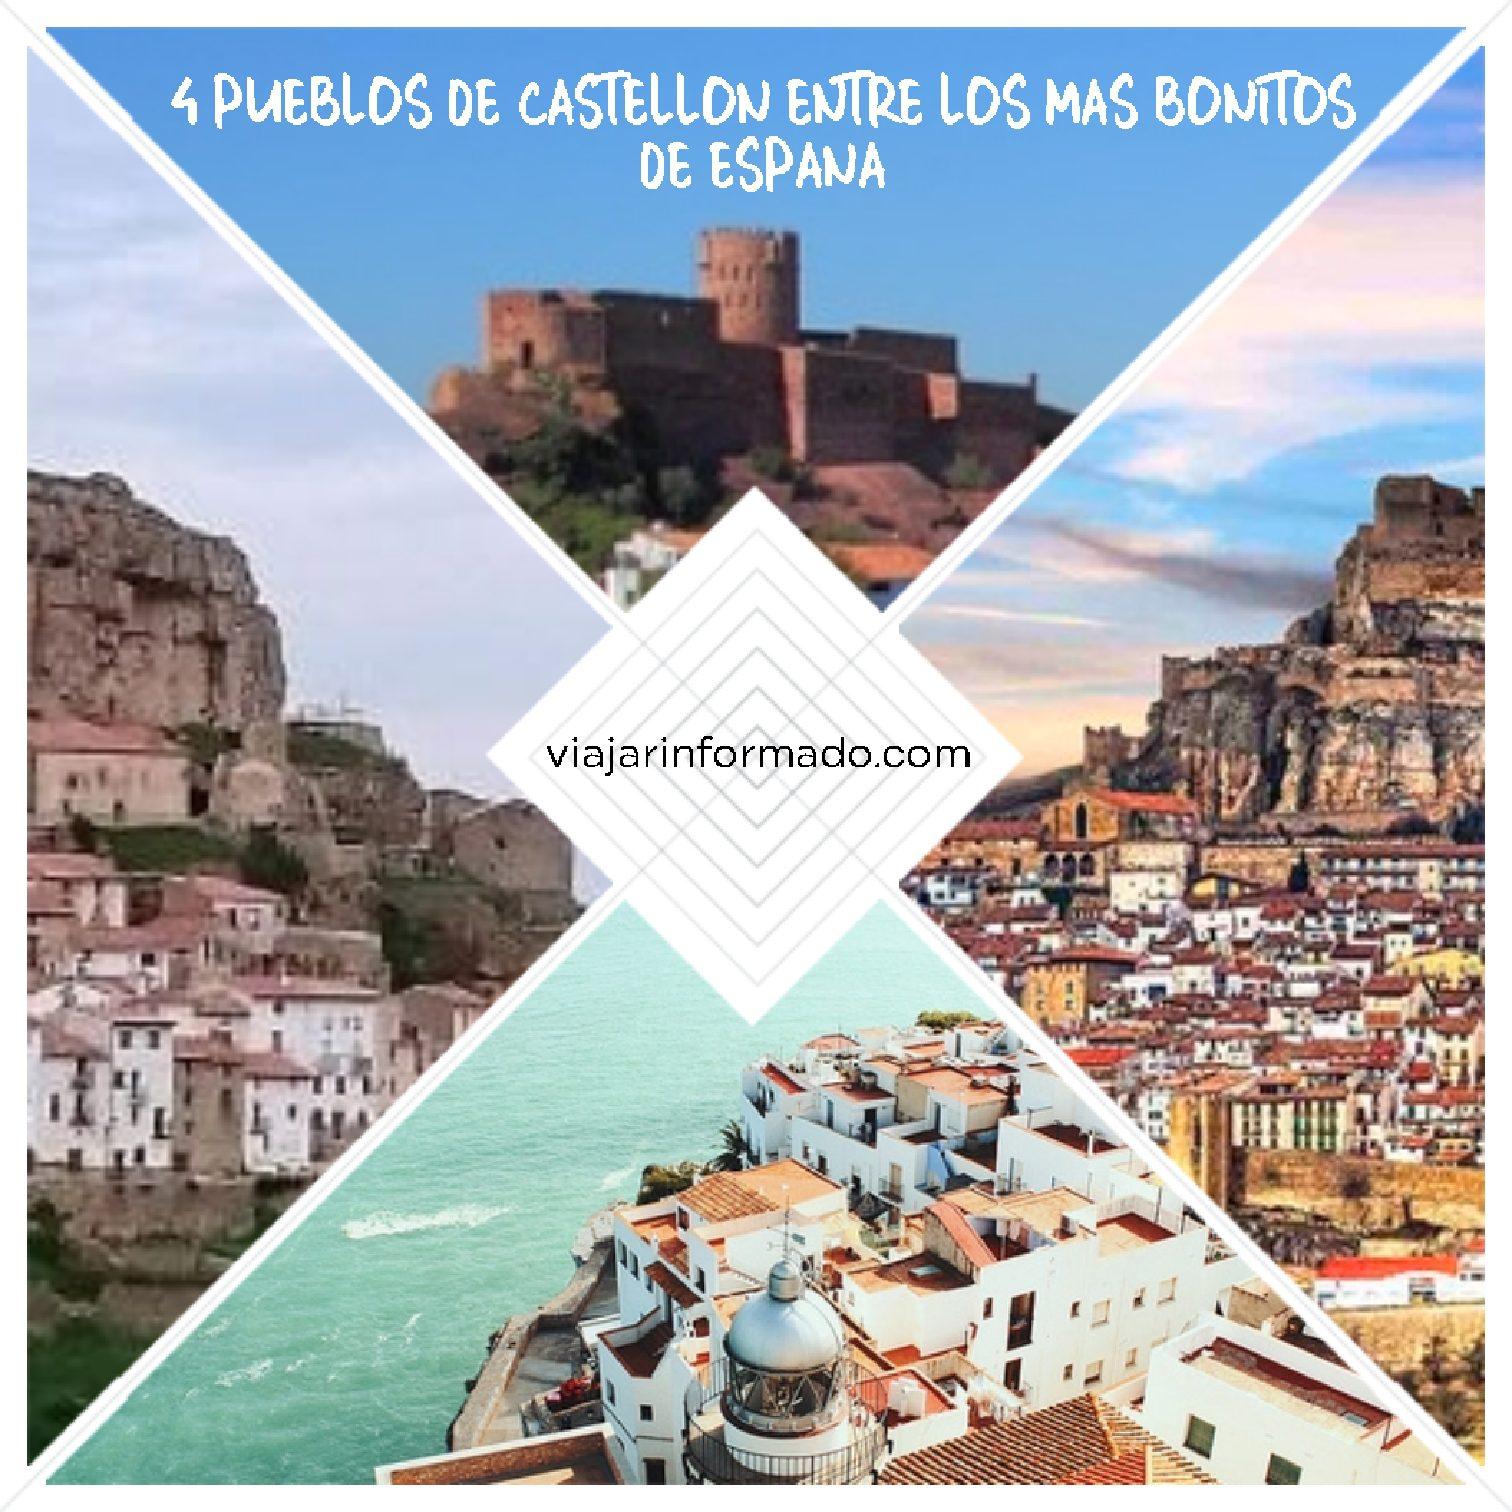 cuatro-pueblos-de-castellon-entre-los-mas-bonitos-de-espana